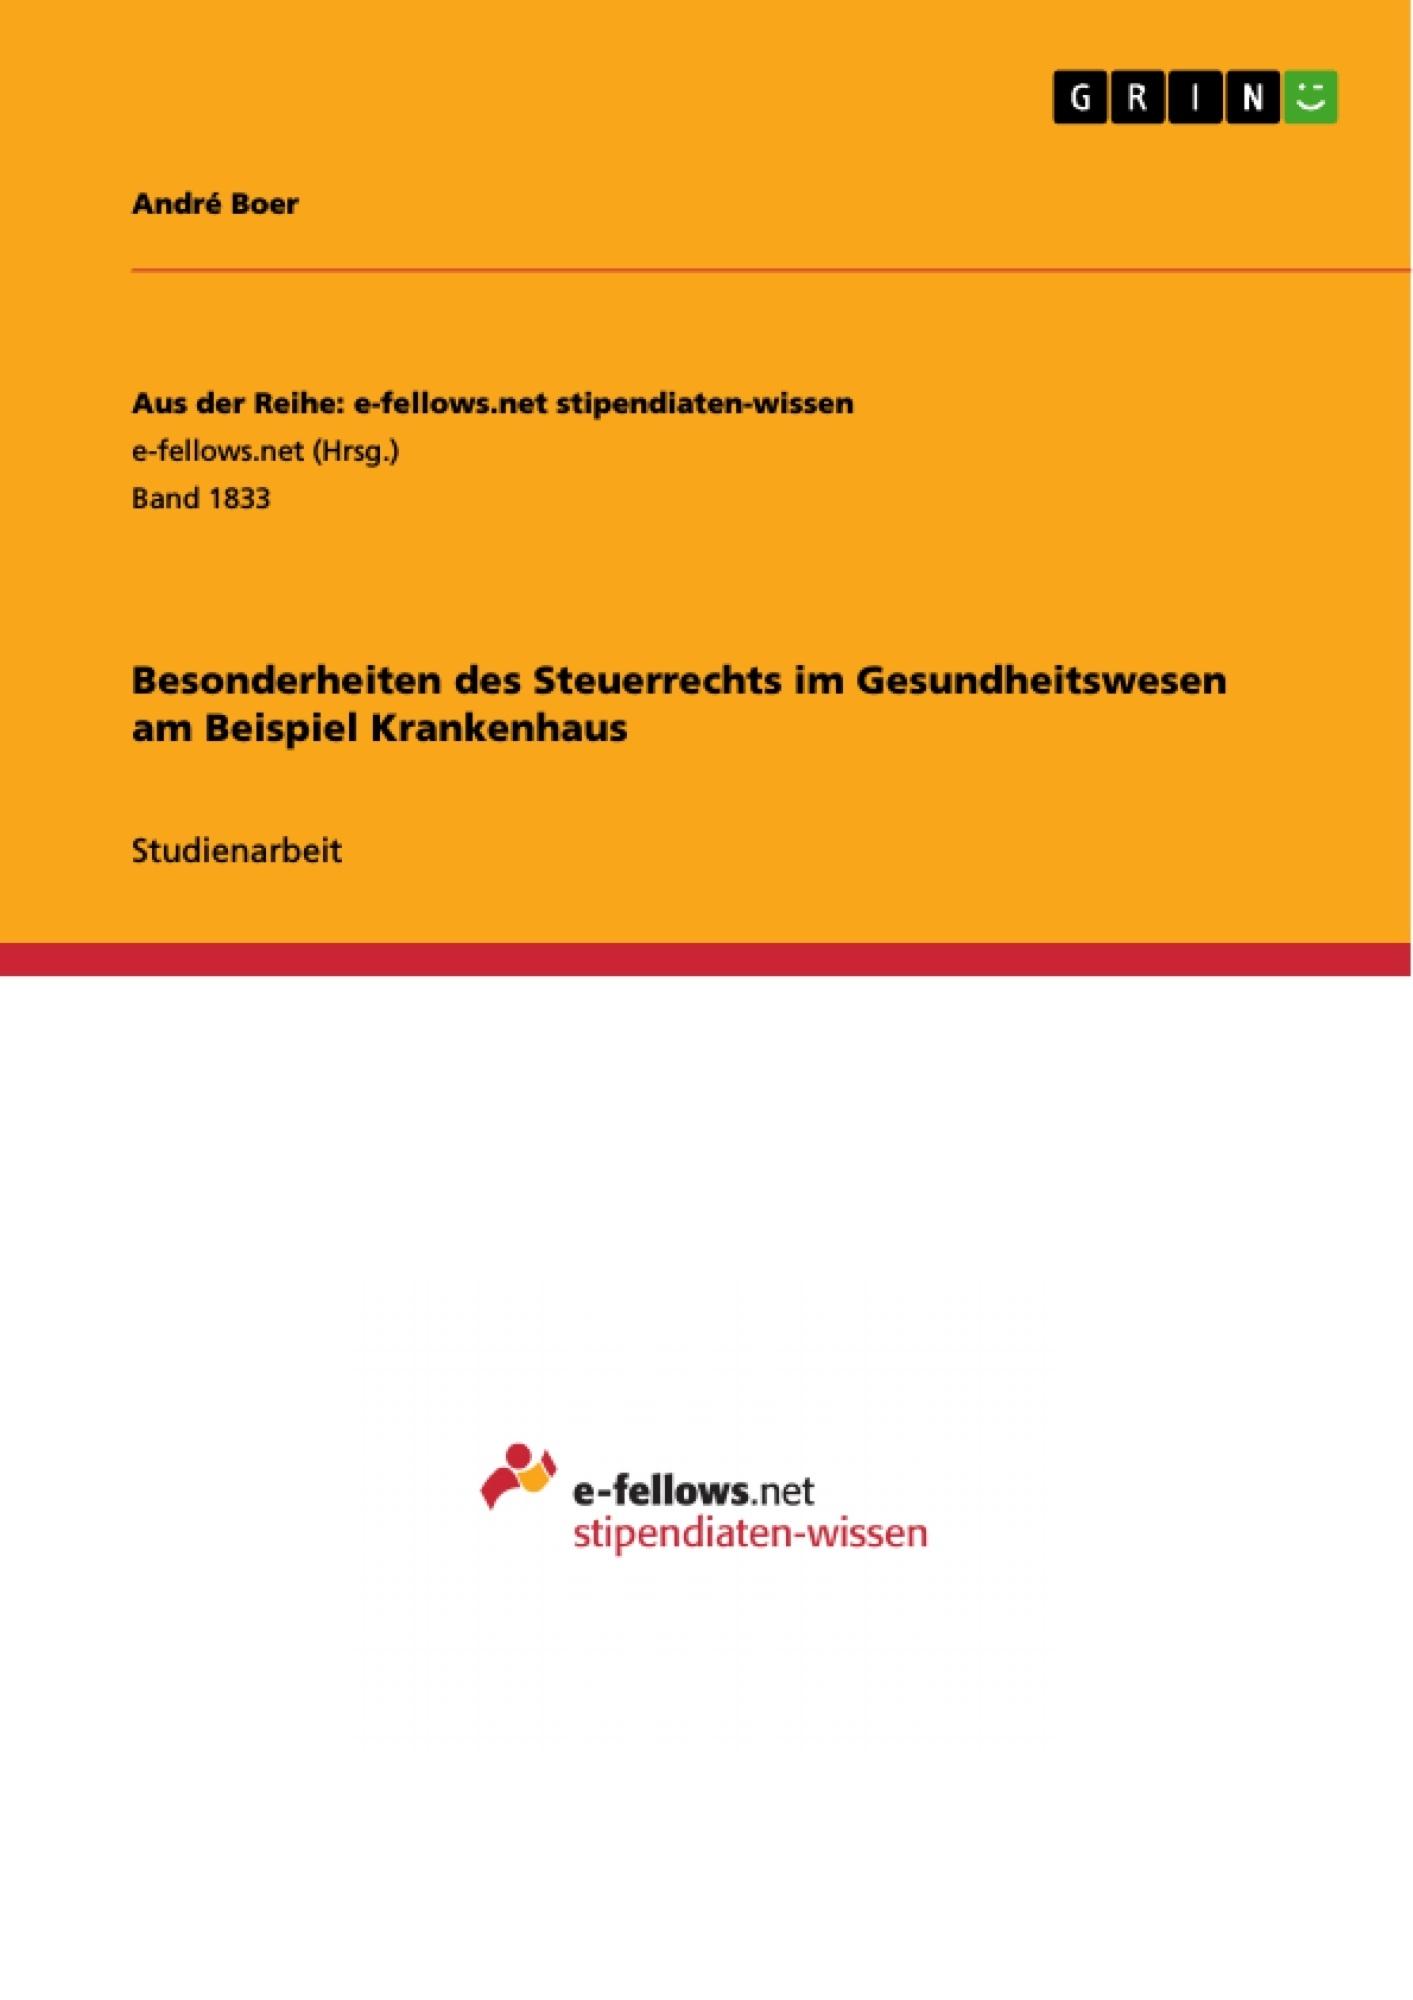 Titel: Besonderheiten des Steuerrechts im Gesundheitswesen am Beispiel Krankenhaus